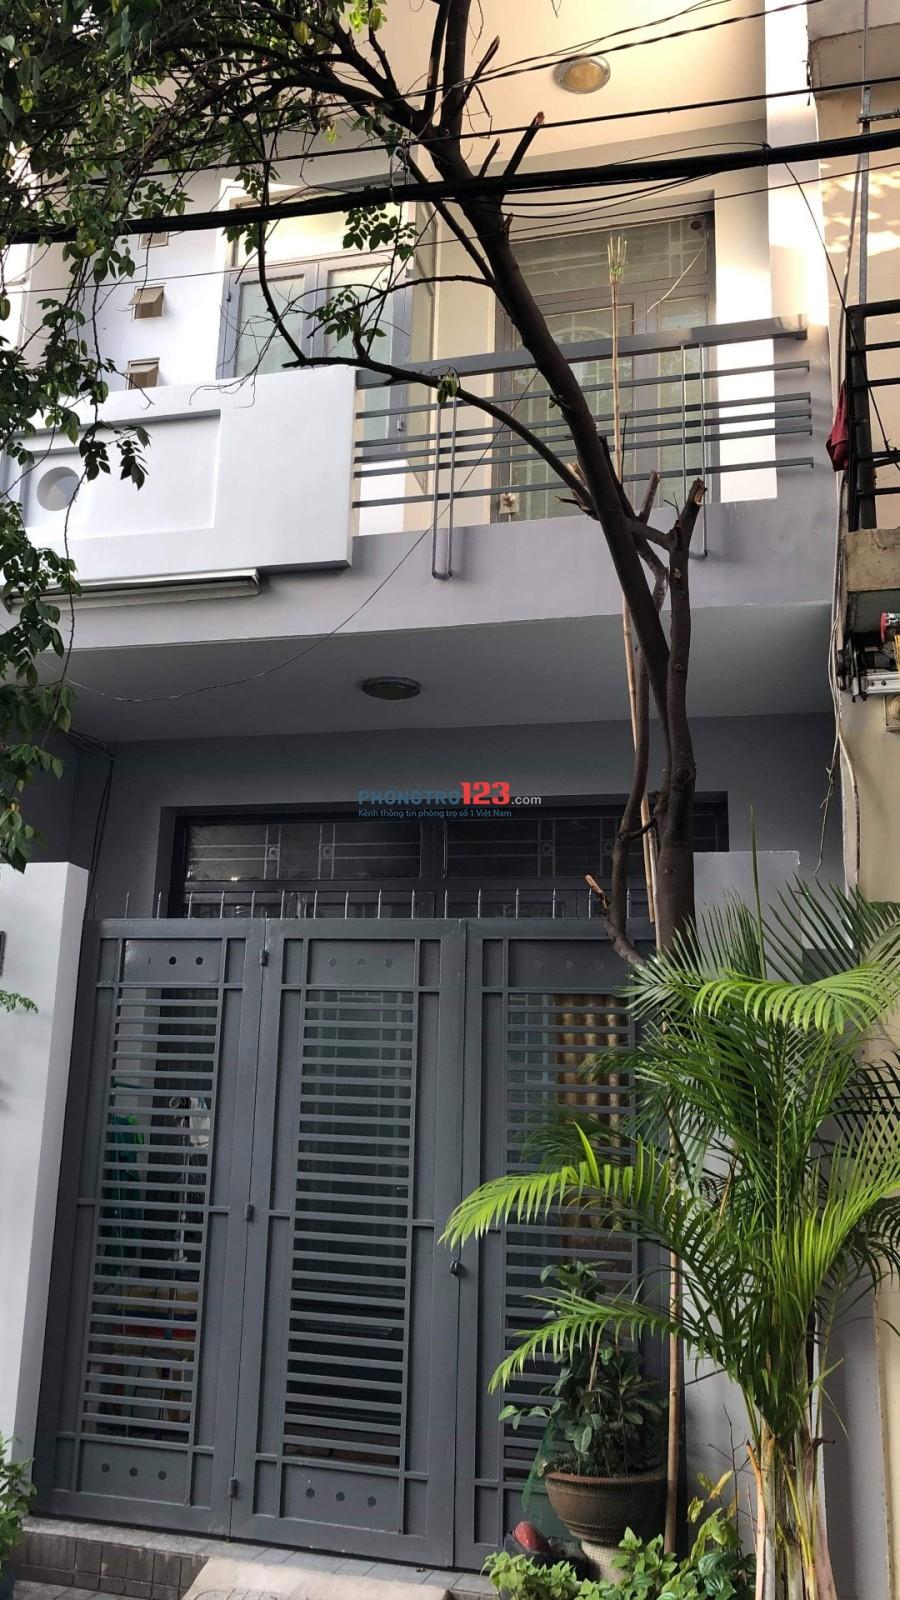 Cho nữ thuê phòng máy lạnh sạch sẽ an ninh, Phường Tân Thành, Quận Tân Phú